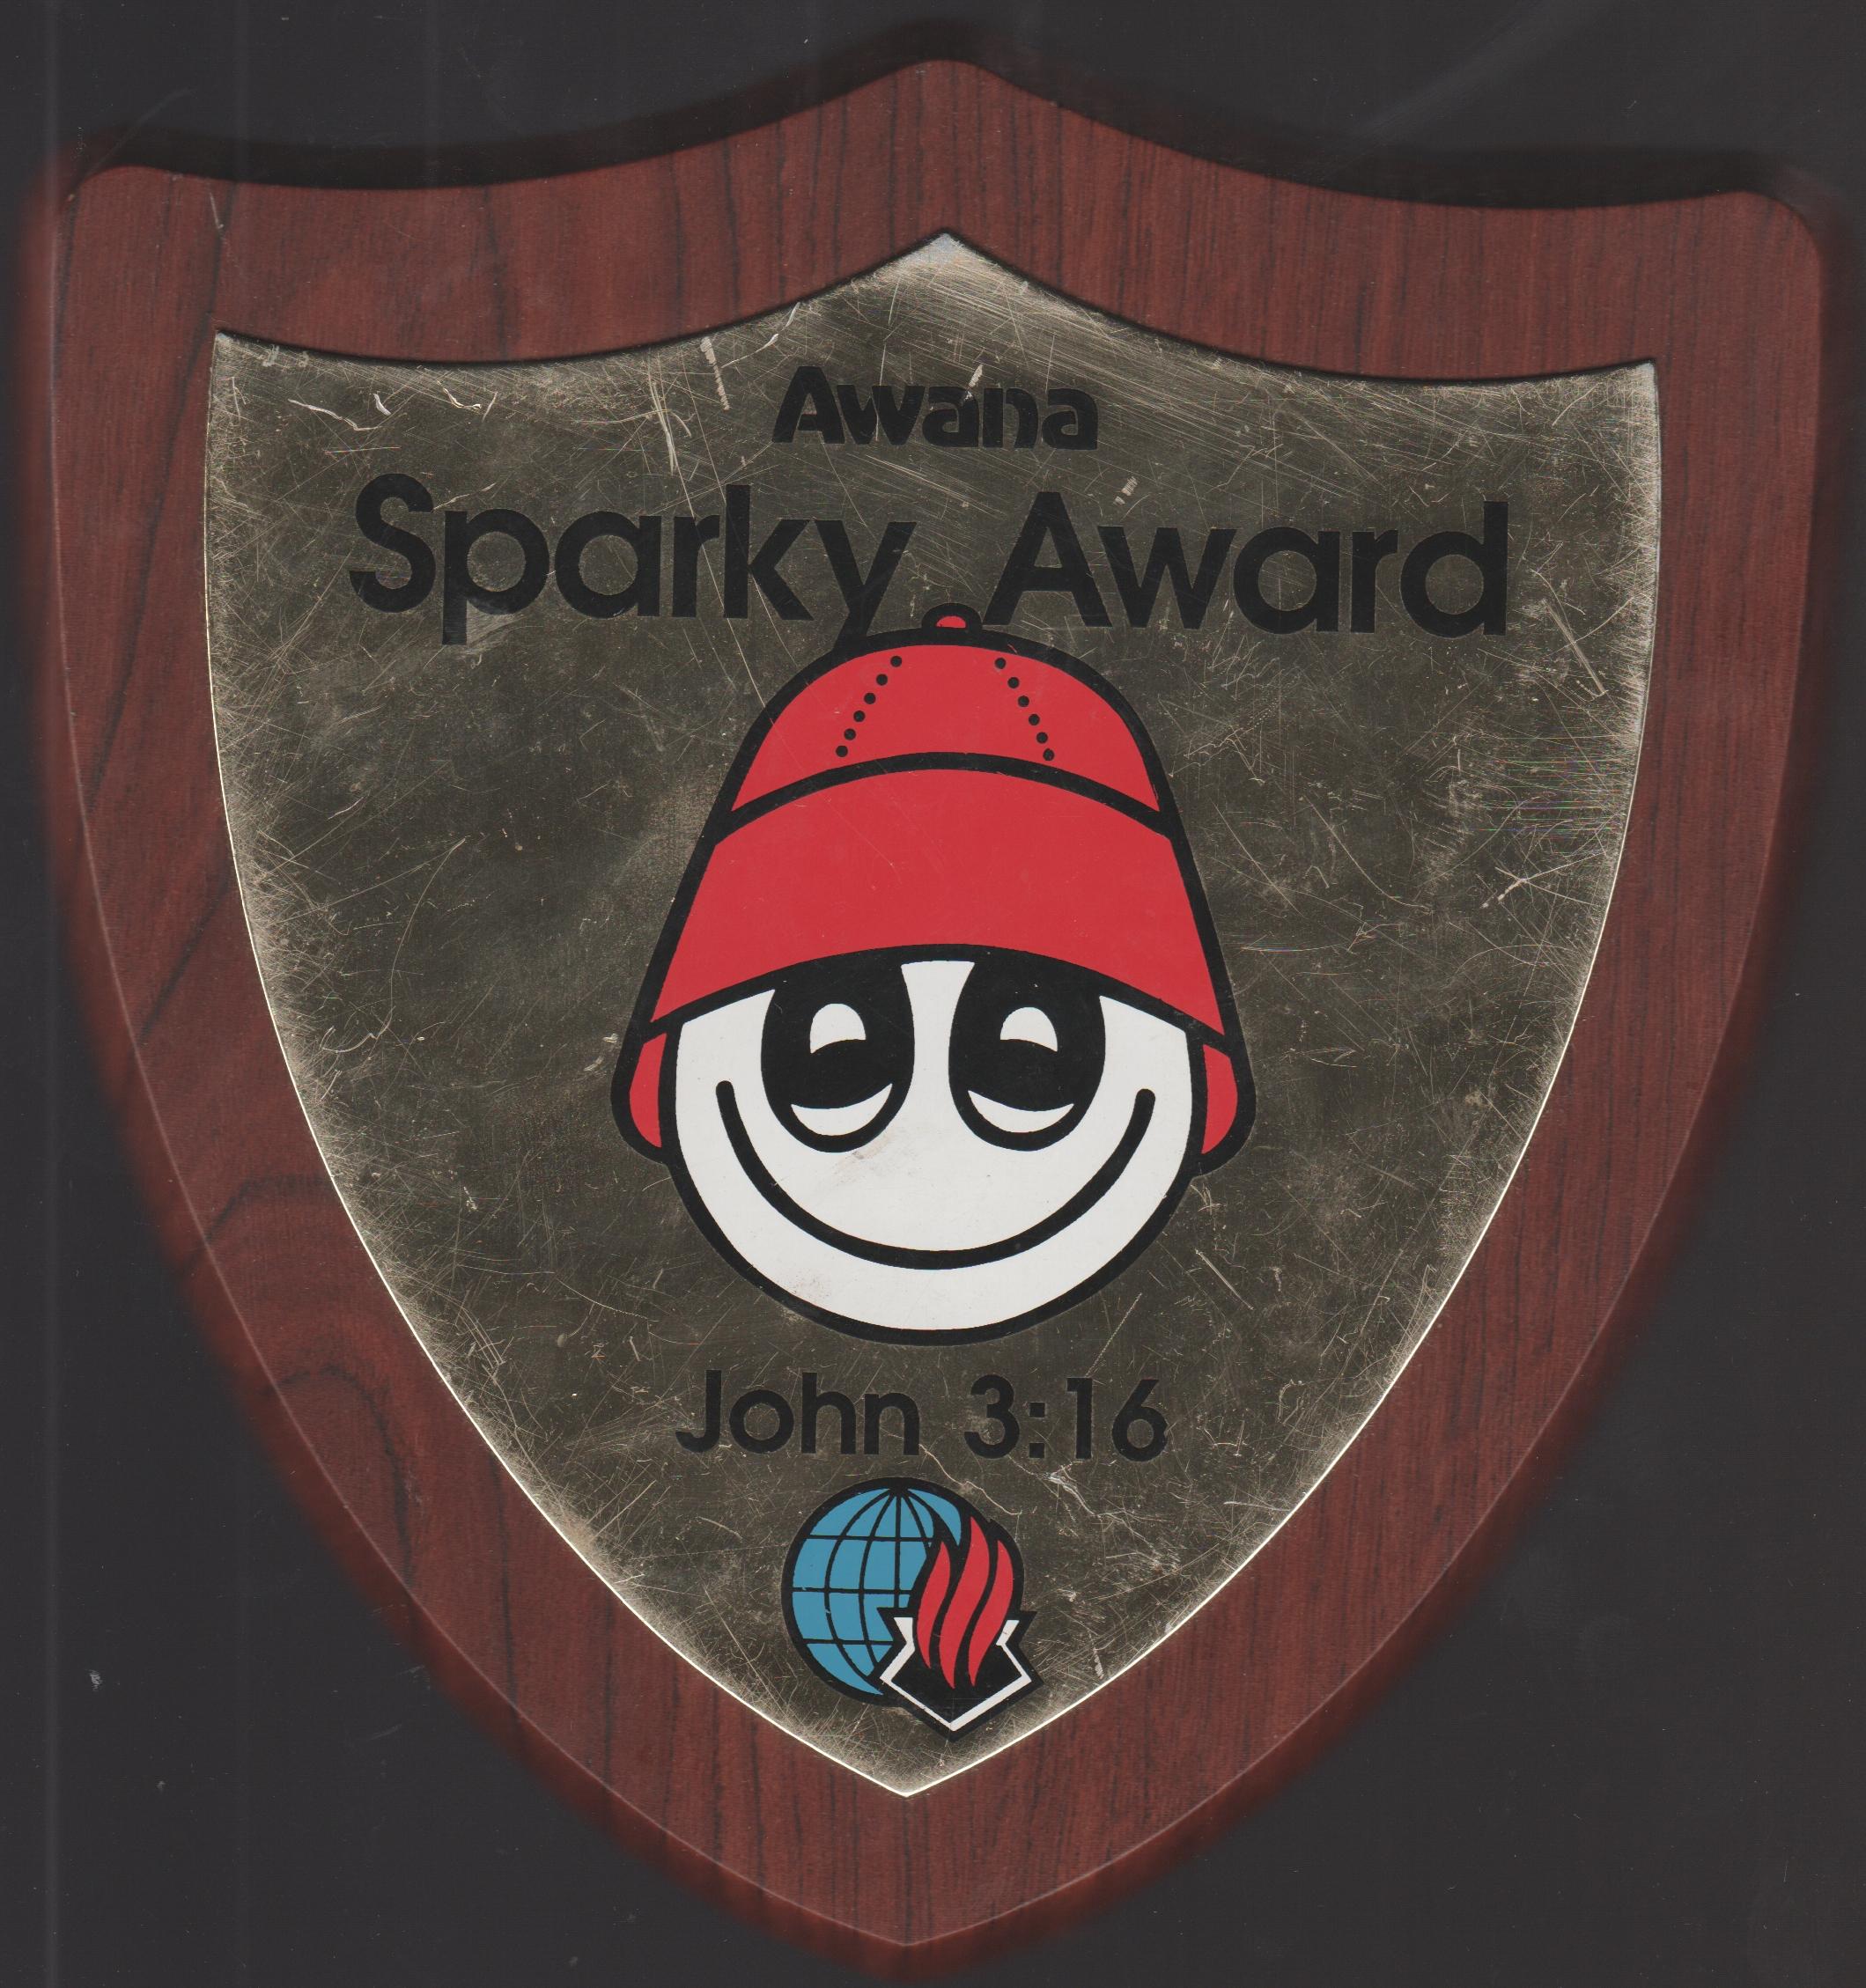 1998-05-20 - Crystal - Sparky Award-1.jpg